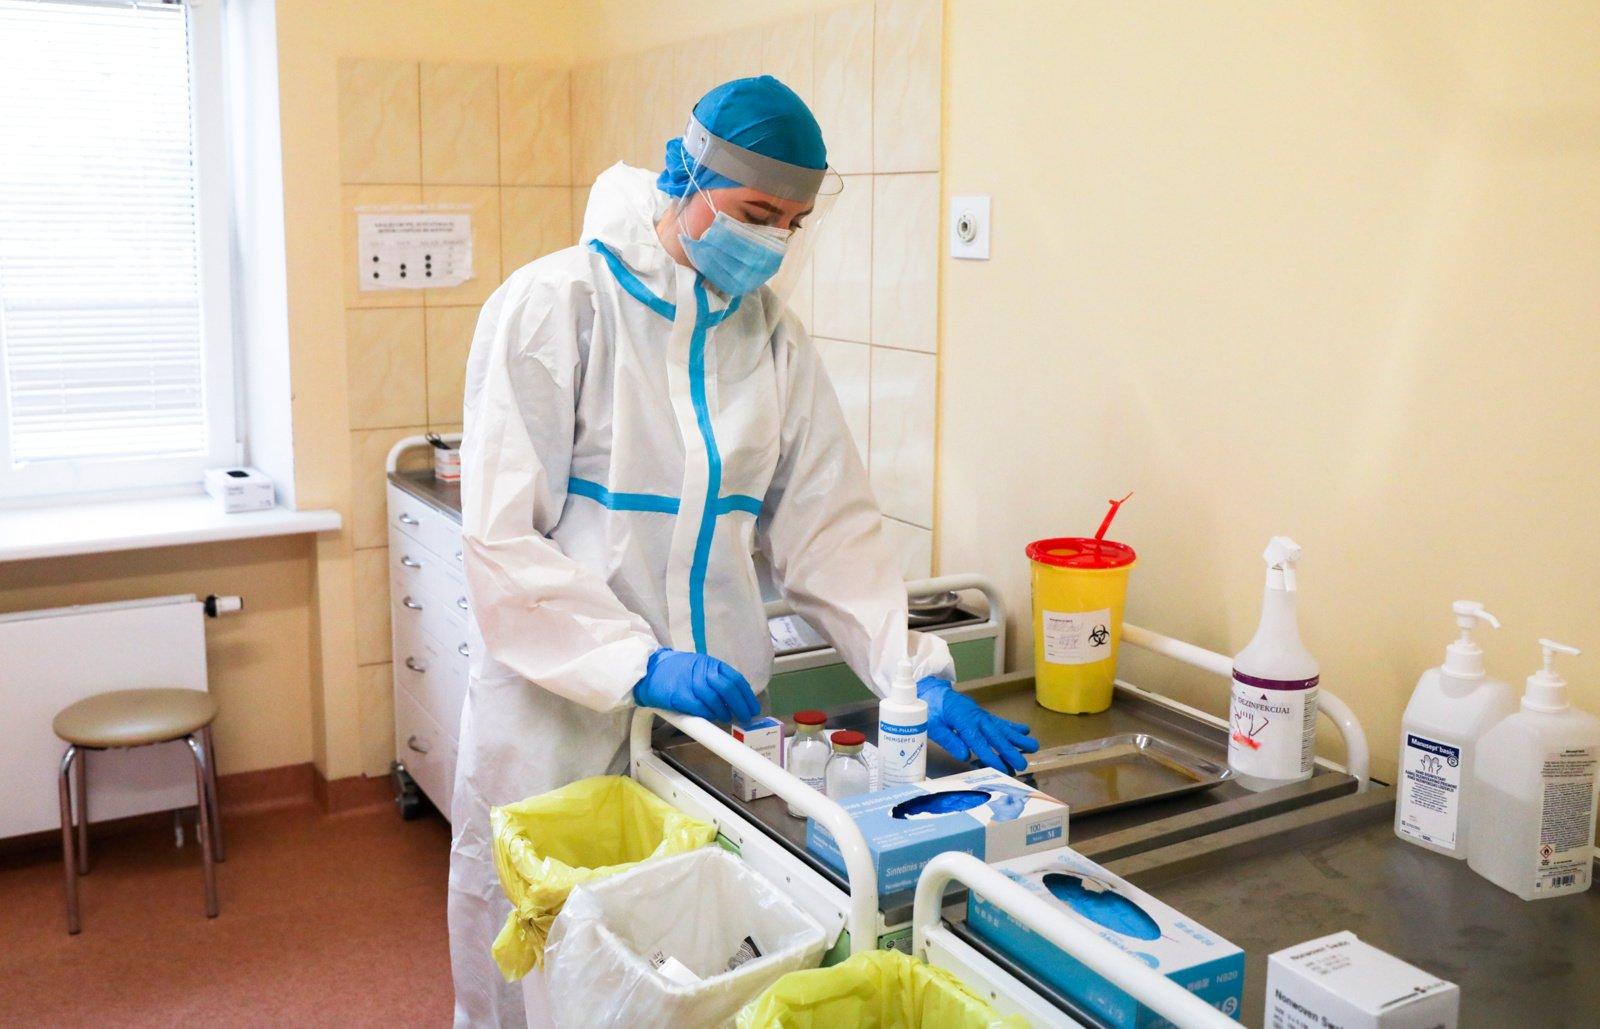 Per praėjusią parą patvirtinti 3067 nauji koronaviruso atvejai, mirė 29 žmonės